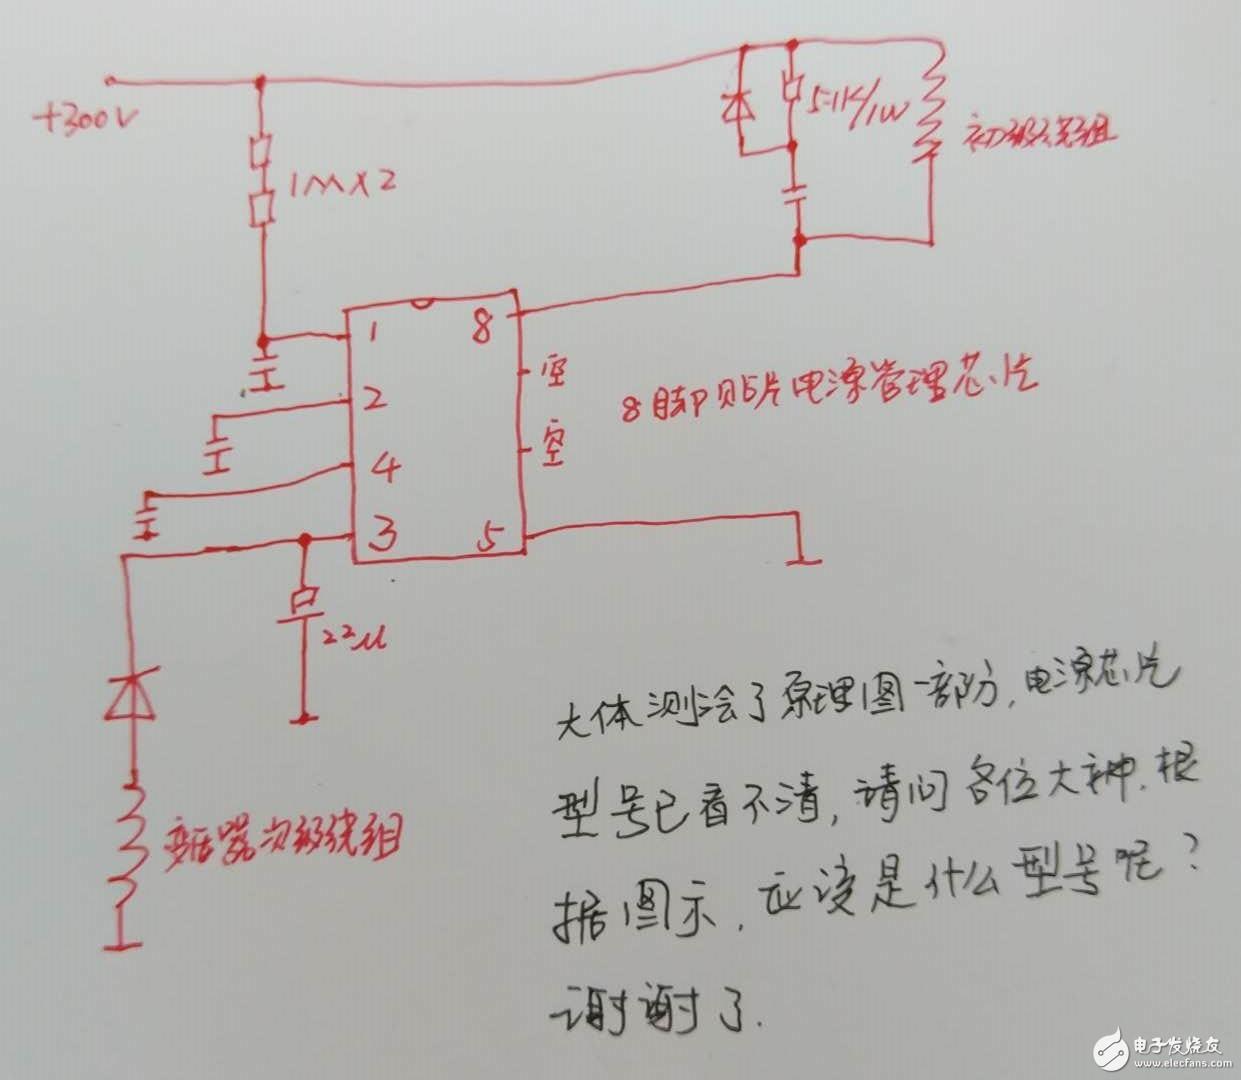 请问这个电源管理芯片是什么型号啊